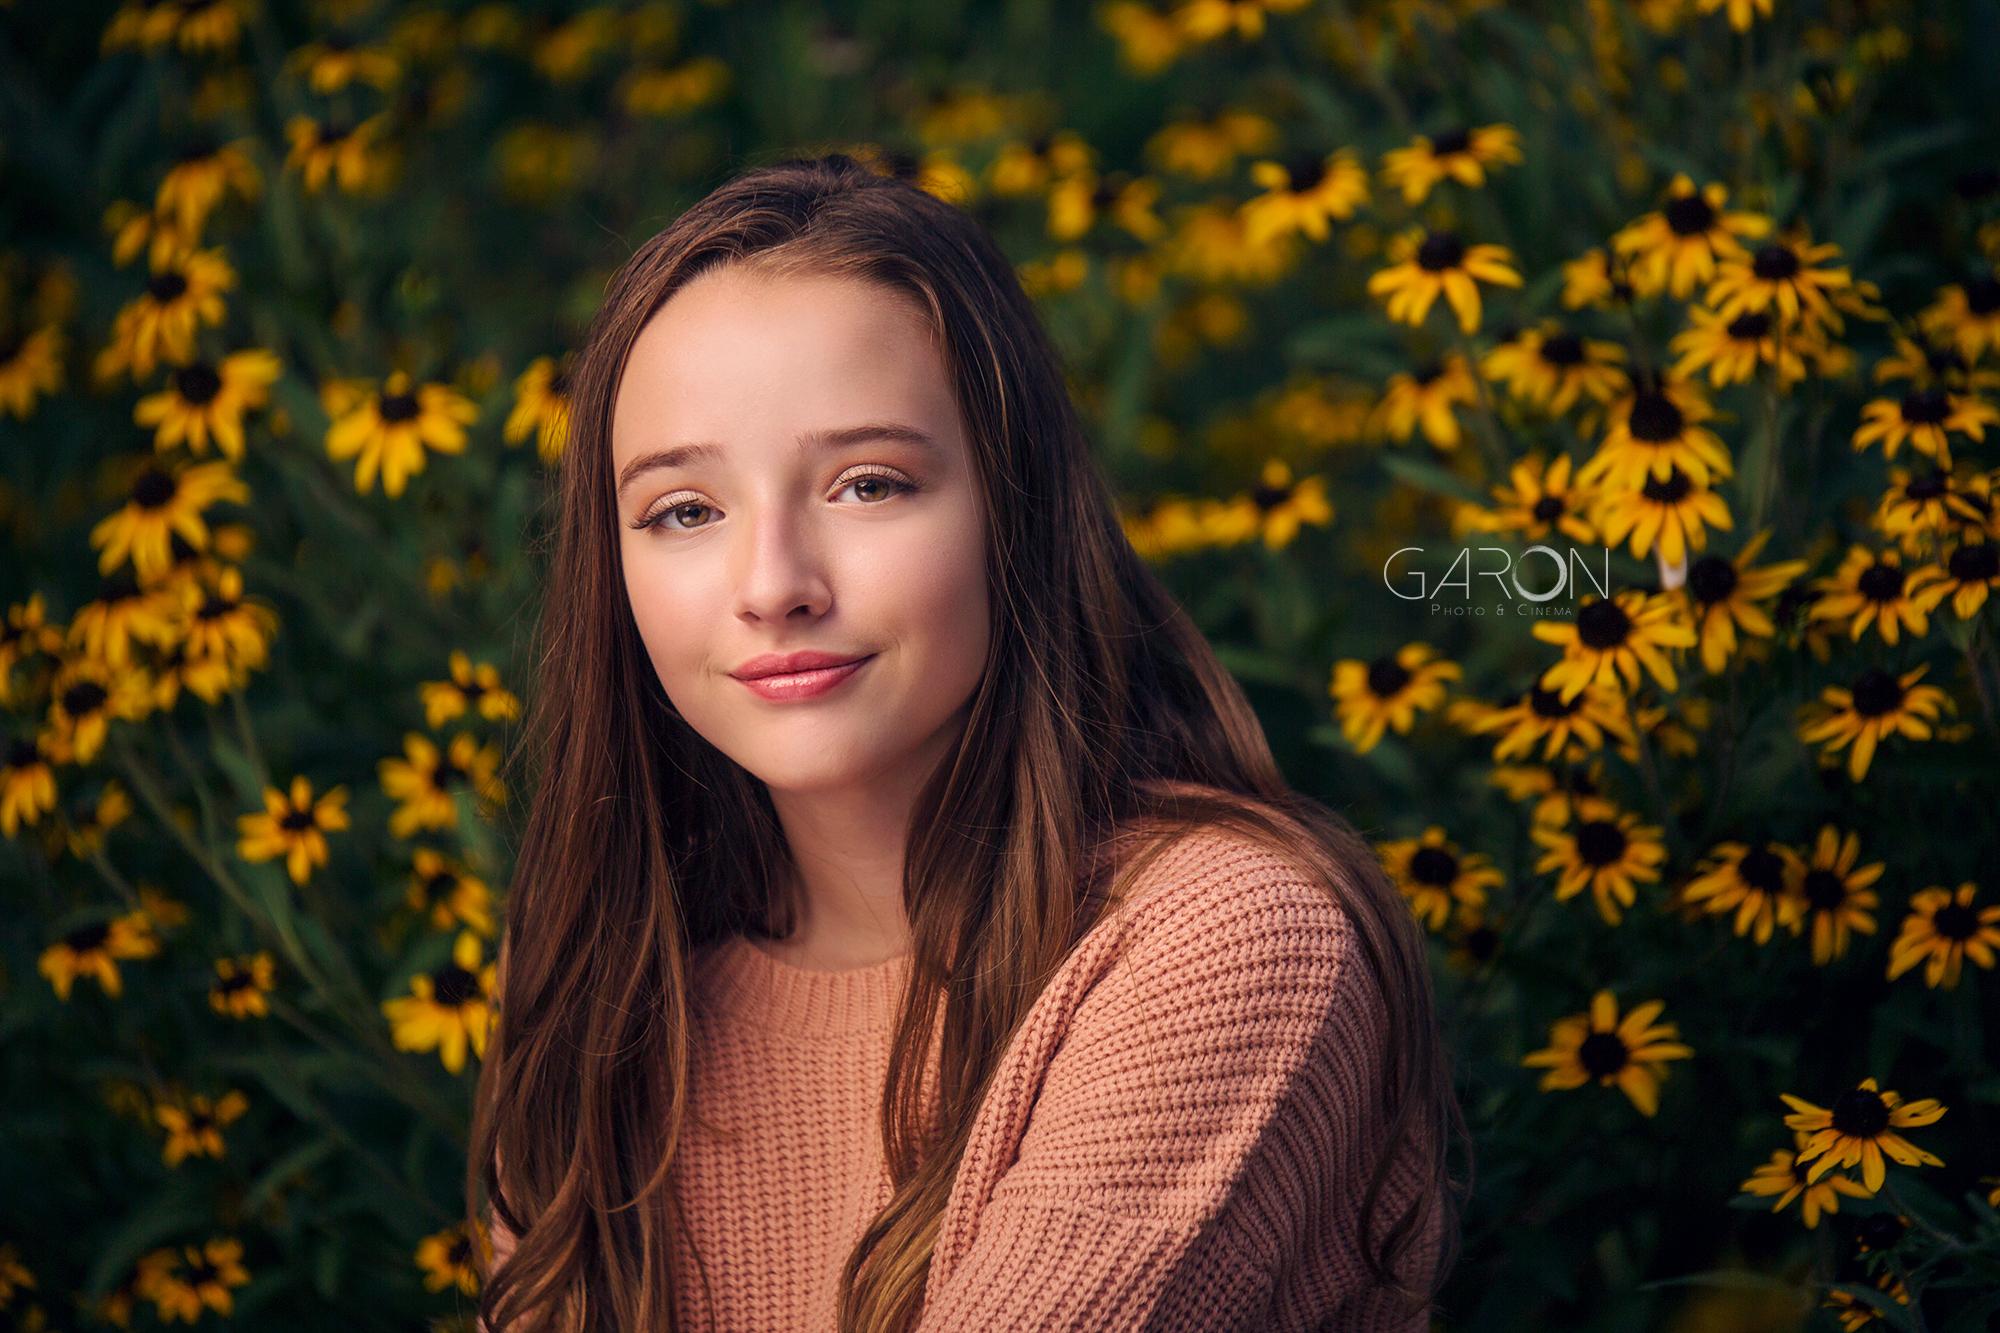 Lauren-84.jpg